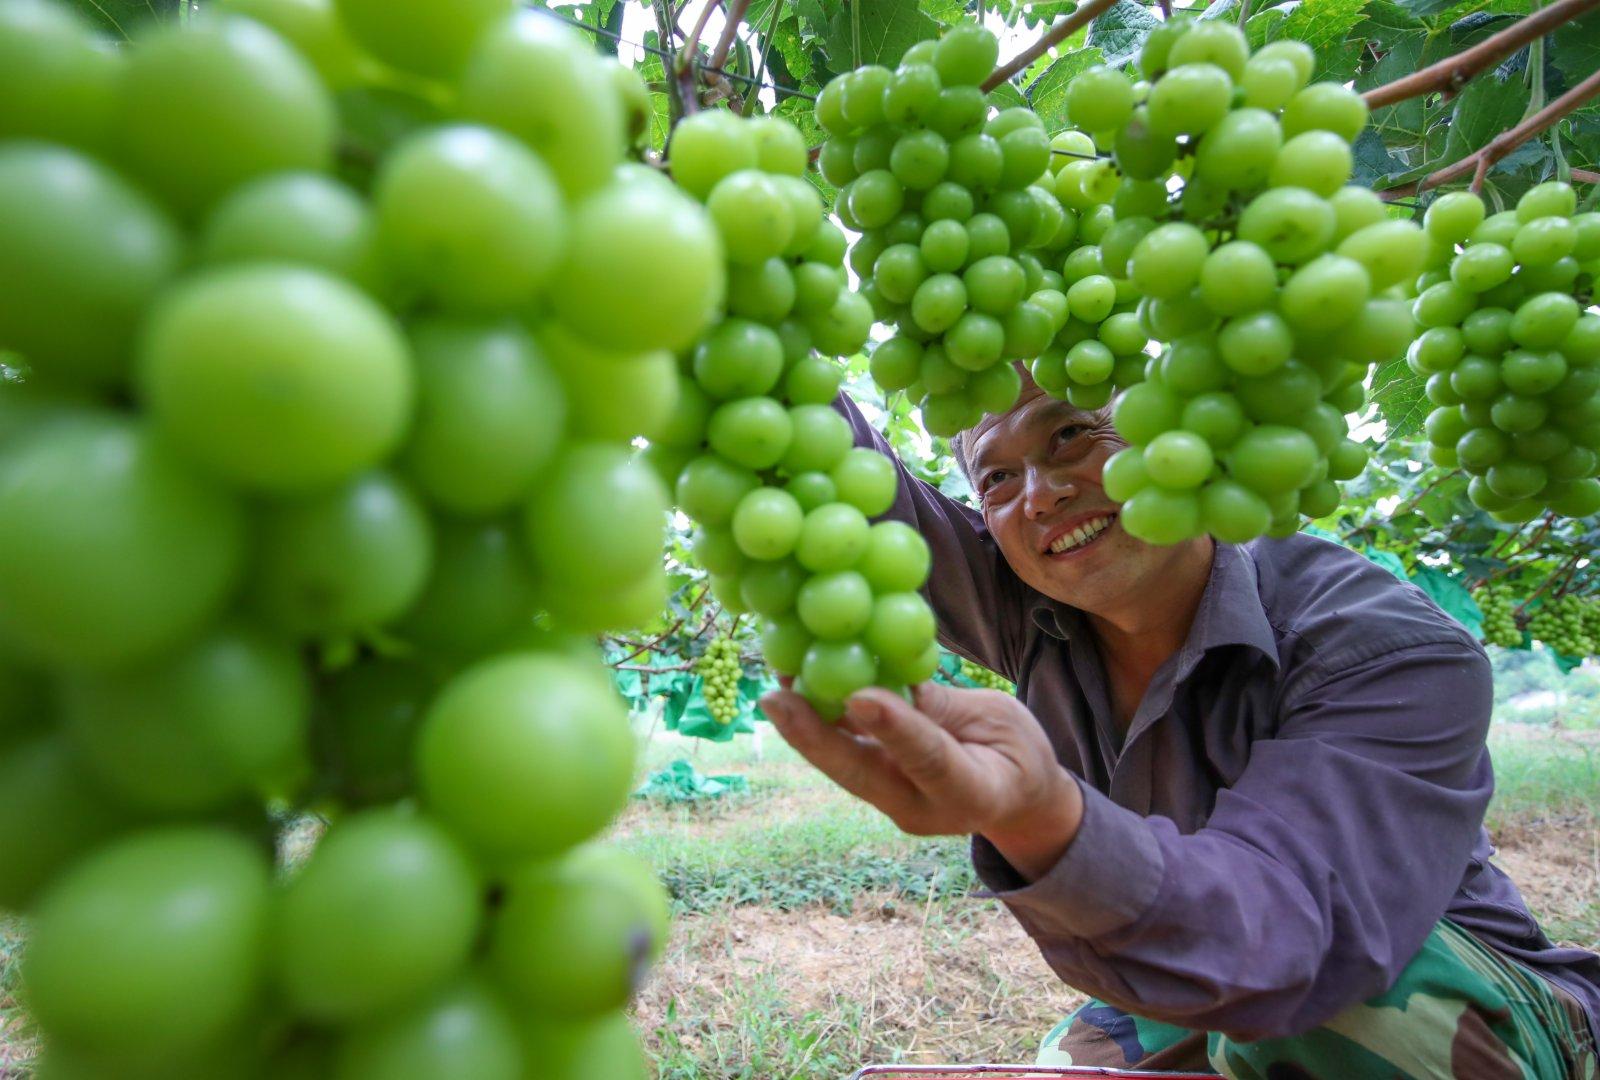 9月7日,貴州省銅仁市玉屏侗族自治縣亞魚鄉沙子坳村的農民在採收葡萄。(新華社)